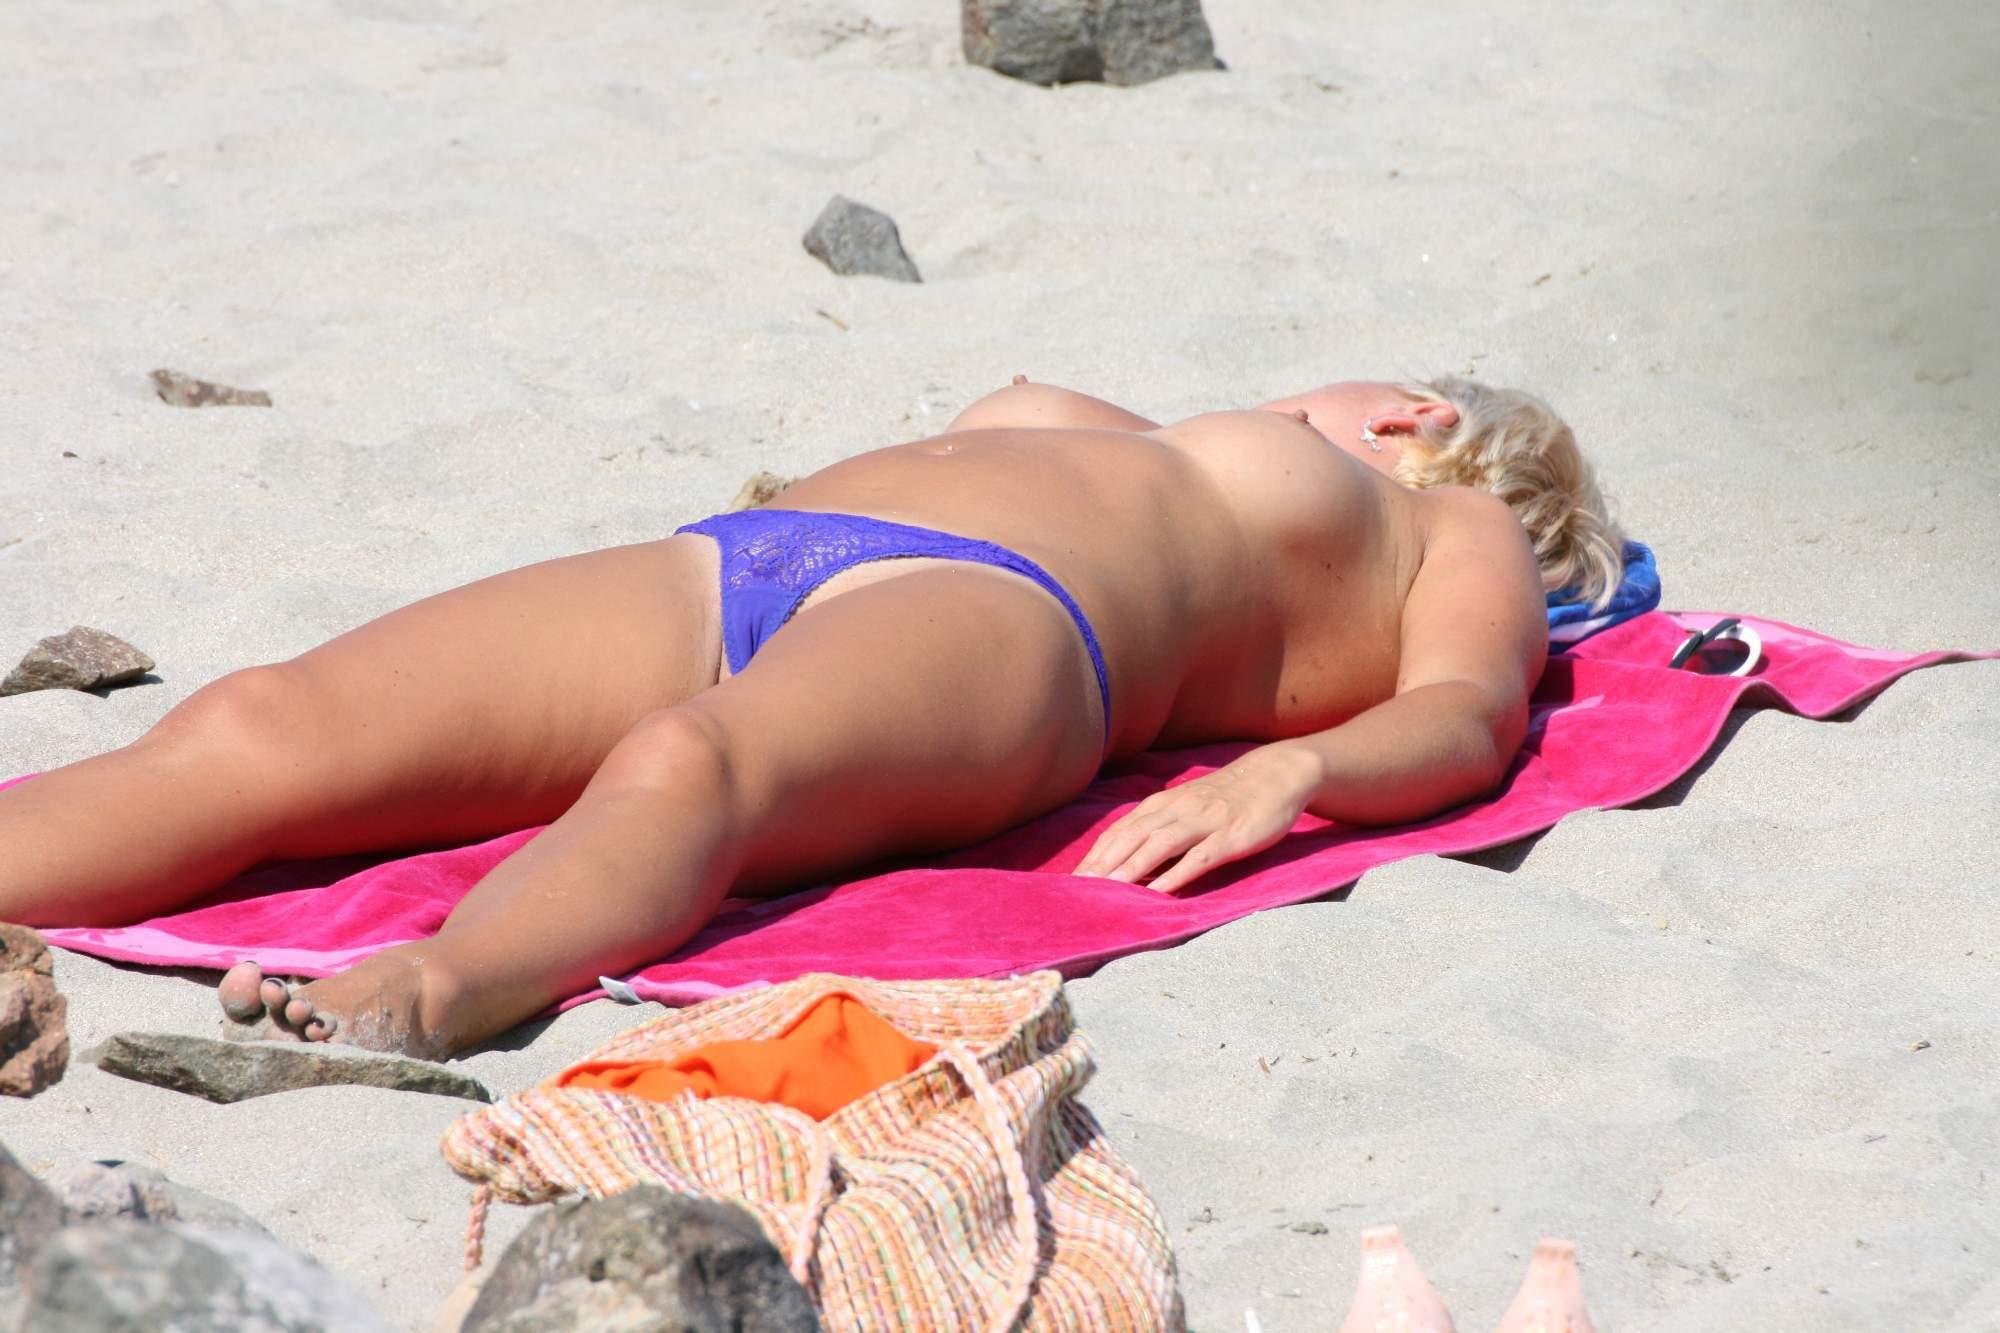 Sandra keller nackt